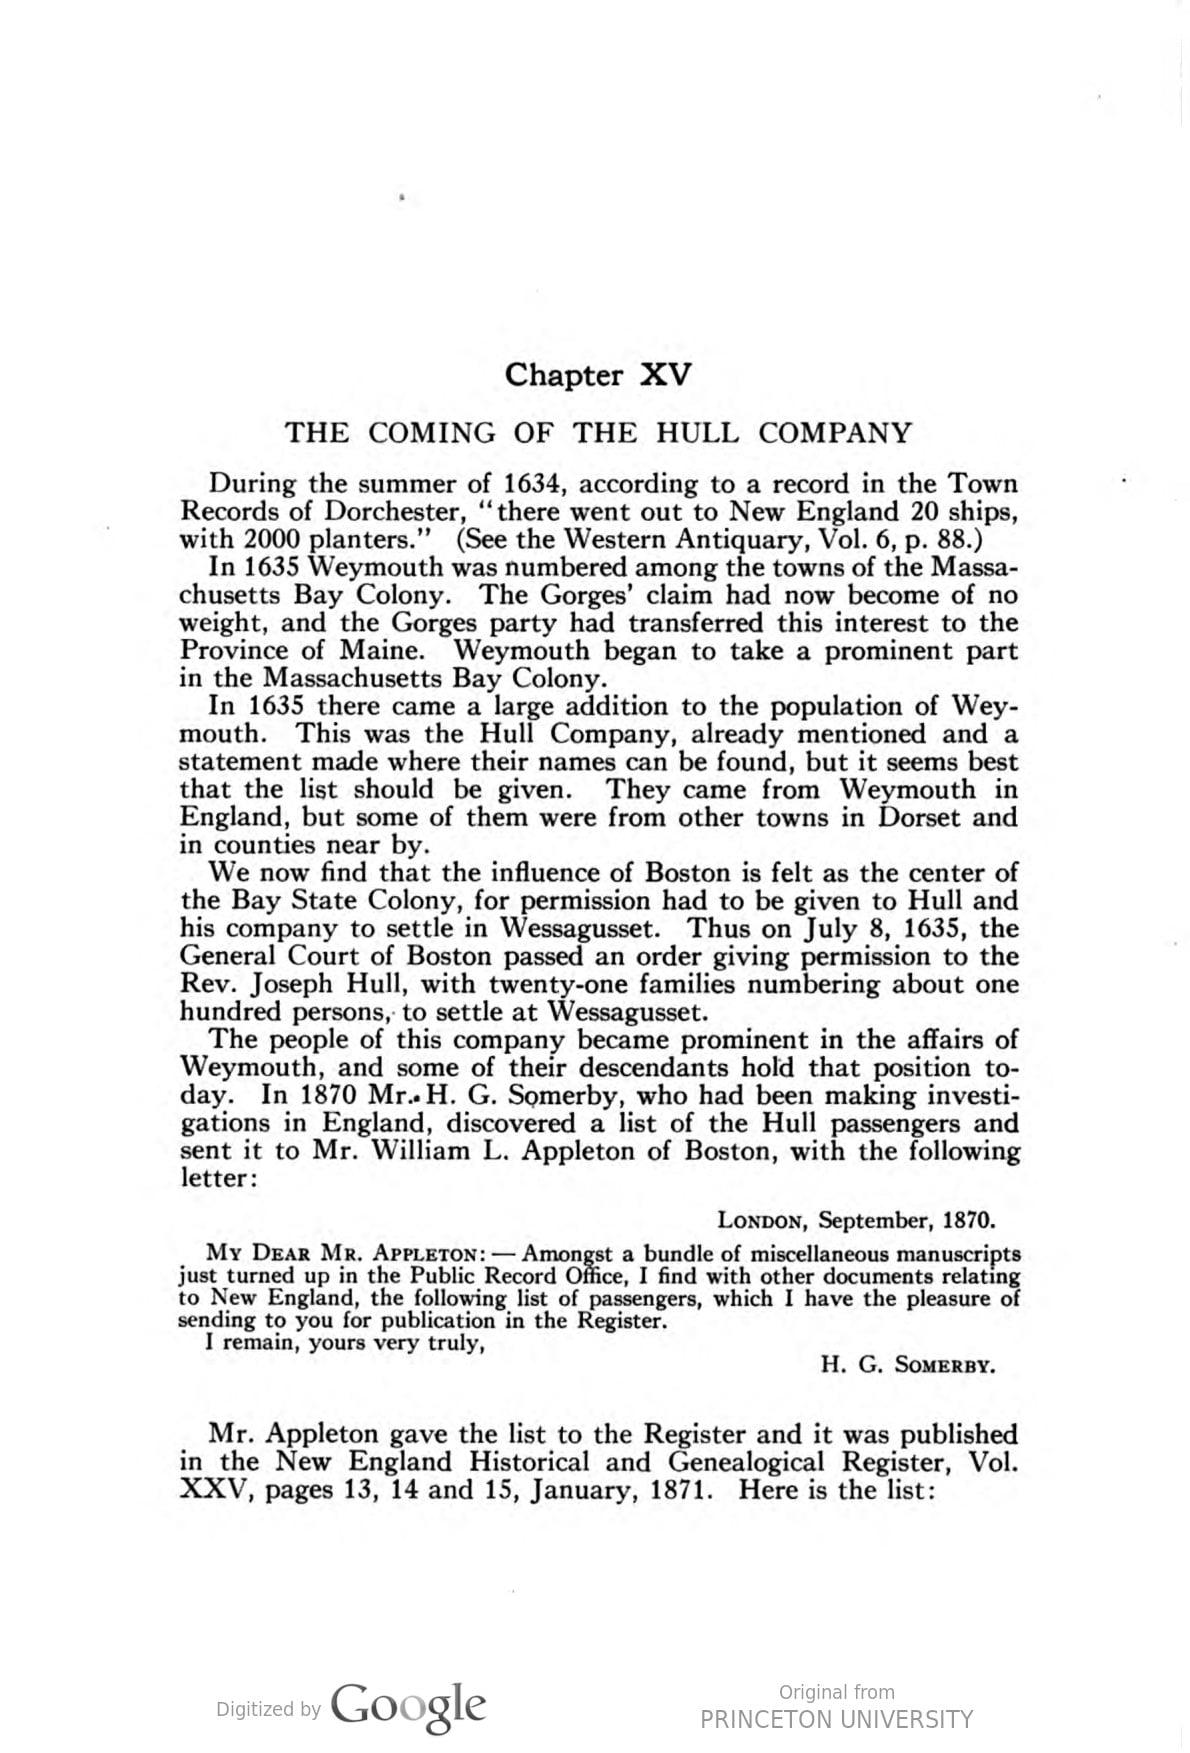 History of Weymouth, Massachusetts, vol. 1, p. 72